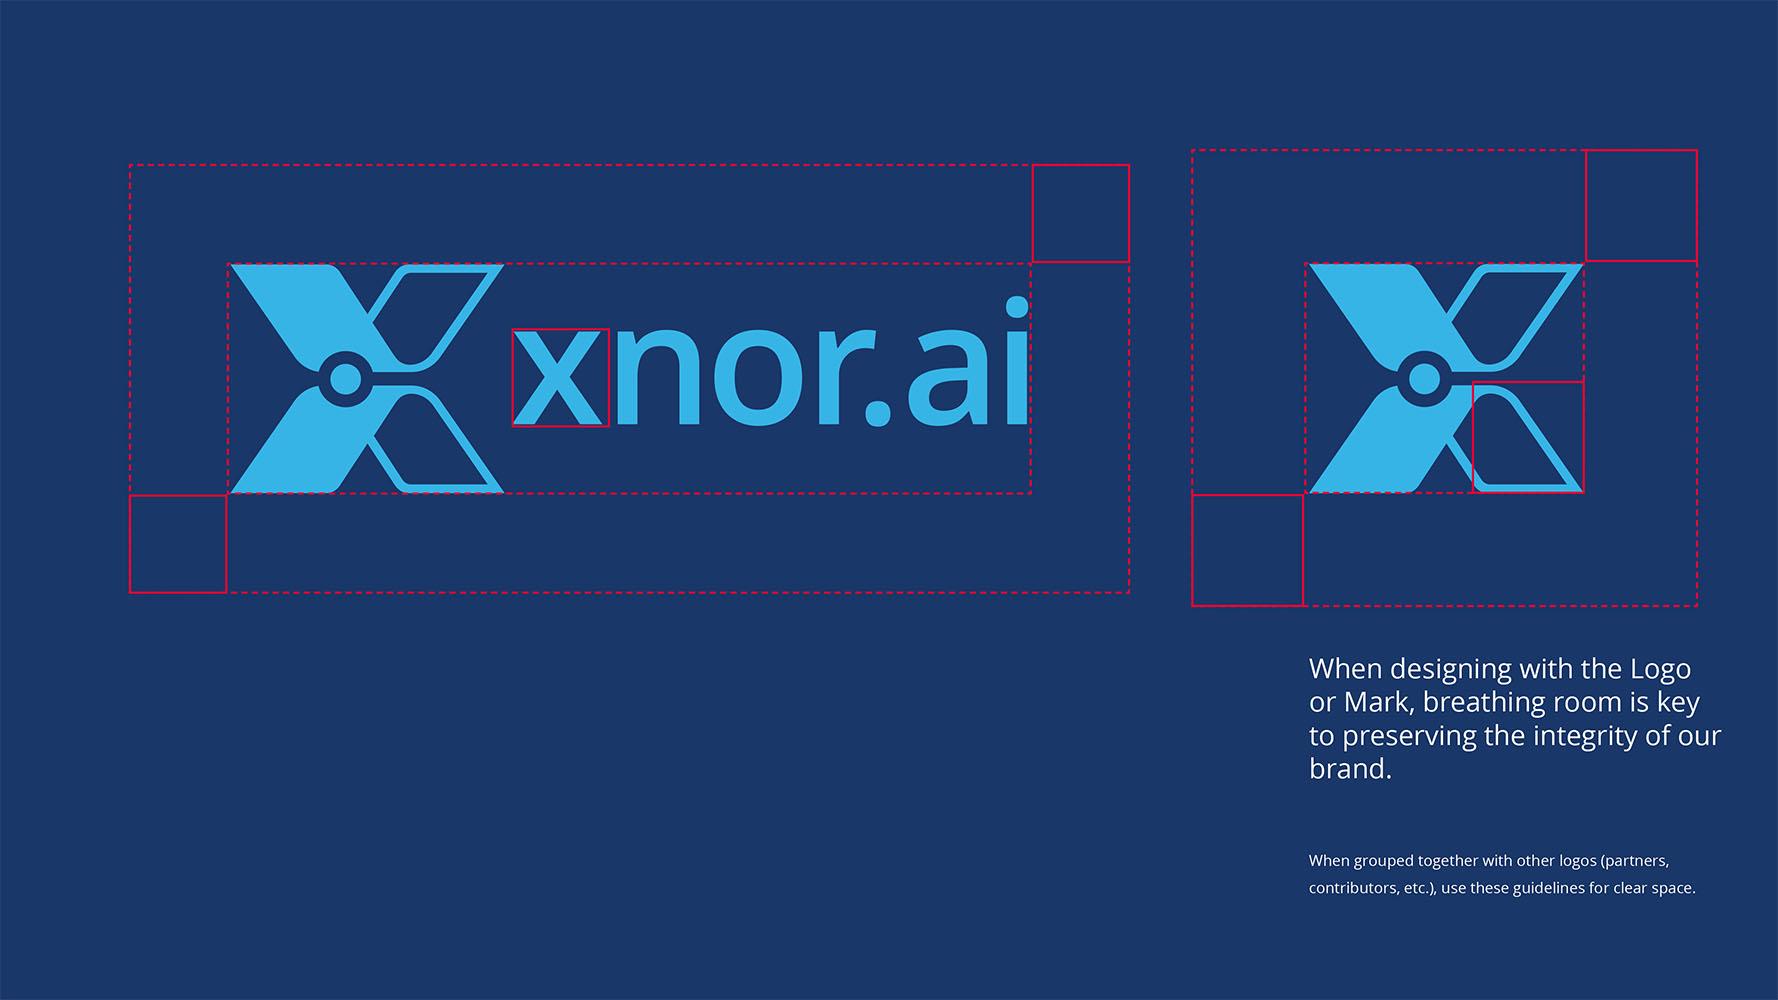 Xnor_Process_Logos_5.jpg